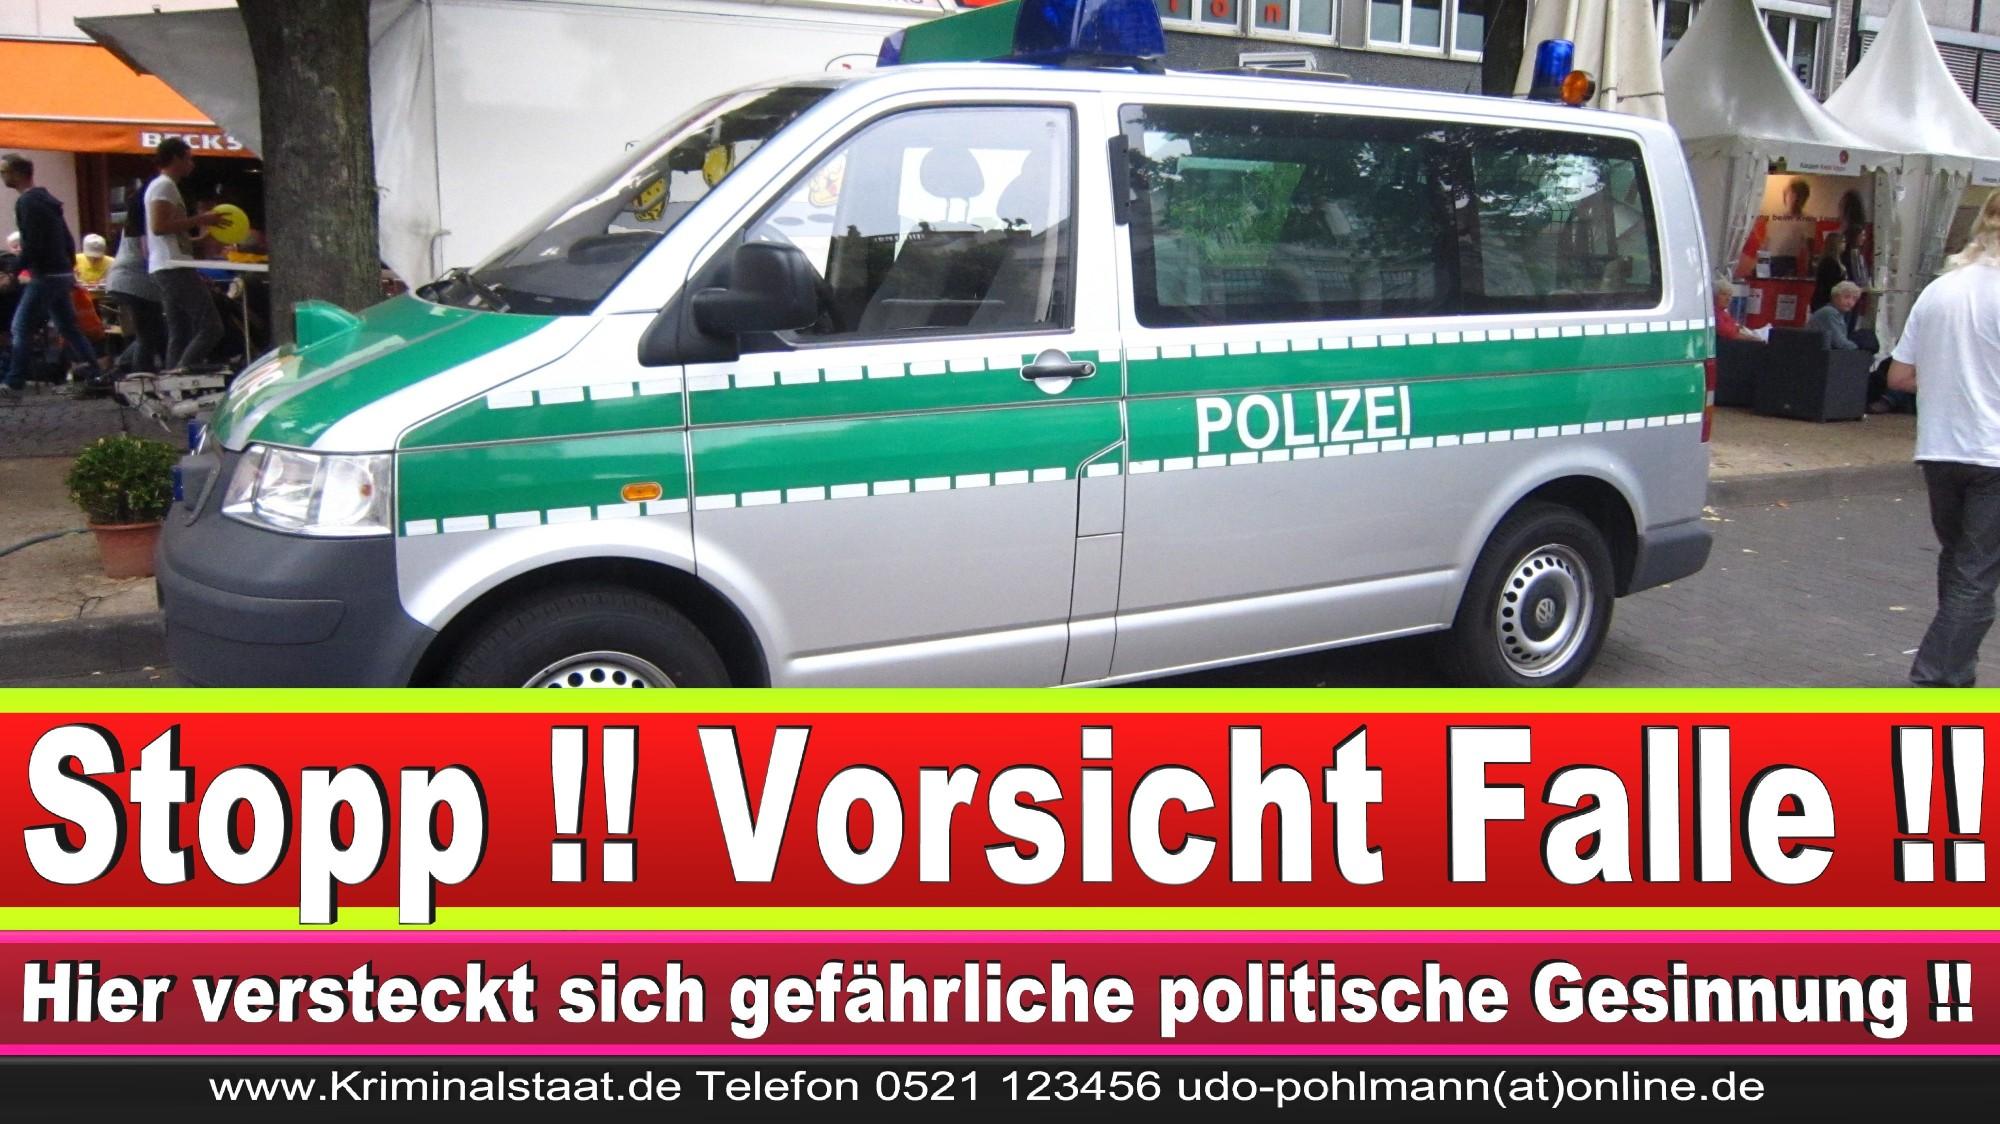 Polizeipräsidentin Katharina Giere Polizei Bielefeld NRW Erwin Südfeld Horst Kruse Polizeiuniform Polizeigewalt DEMONSTRATION Bahnhof (1)